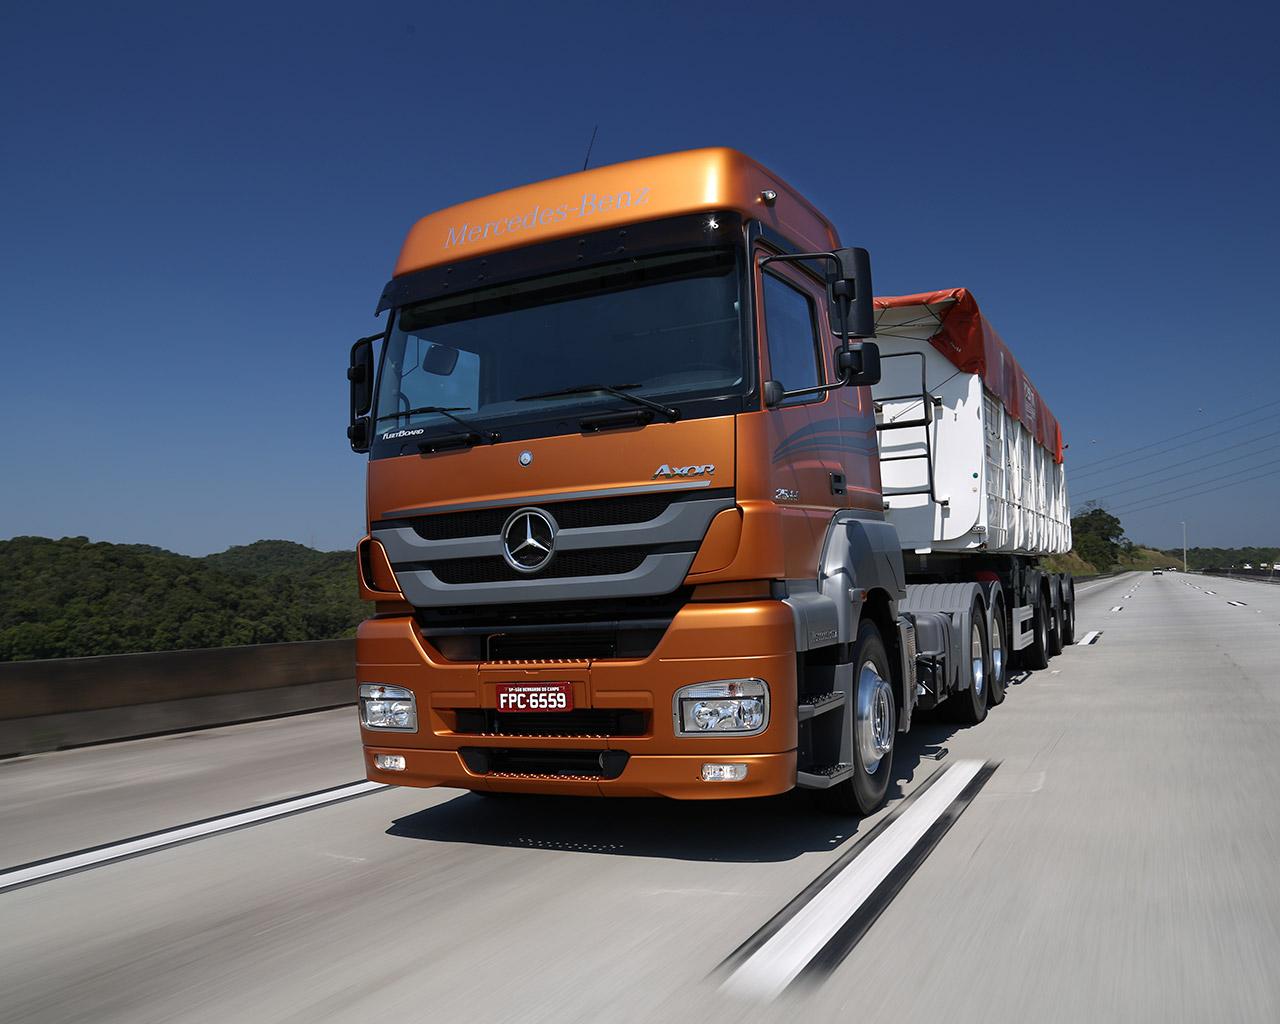 Volkswagen/MAN, Scania, Volvo, Iveco, entre outras, tiraram a Mercedes da zona de conforto. A linha Axor busca alinhar bom preço a tecnologia e desempenho em resposta aos rivais